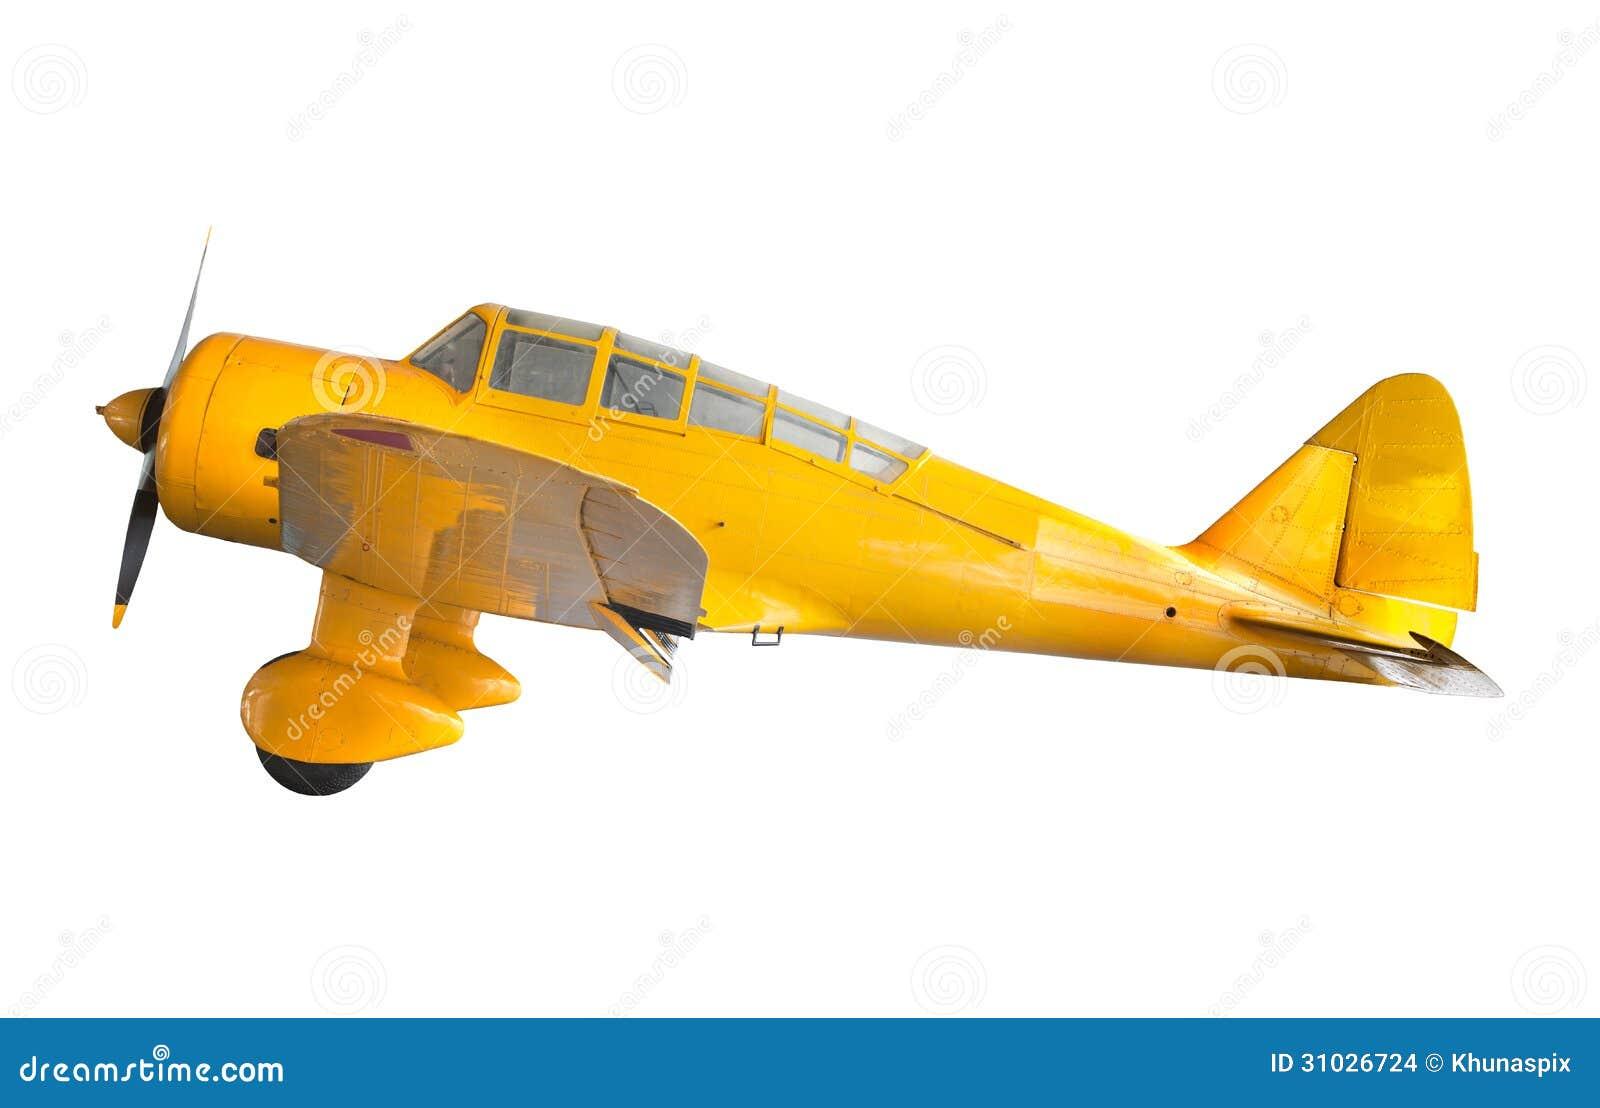 Το παλαιό κλασικό κίτρινο αεροπλάνο απομόνωσε το λευκό